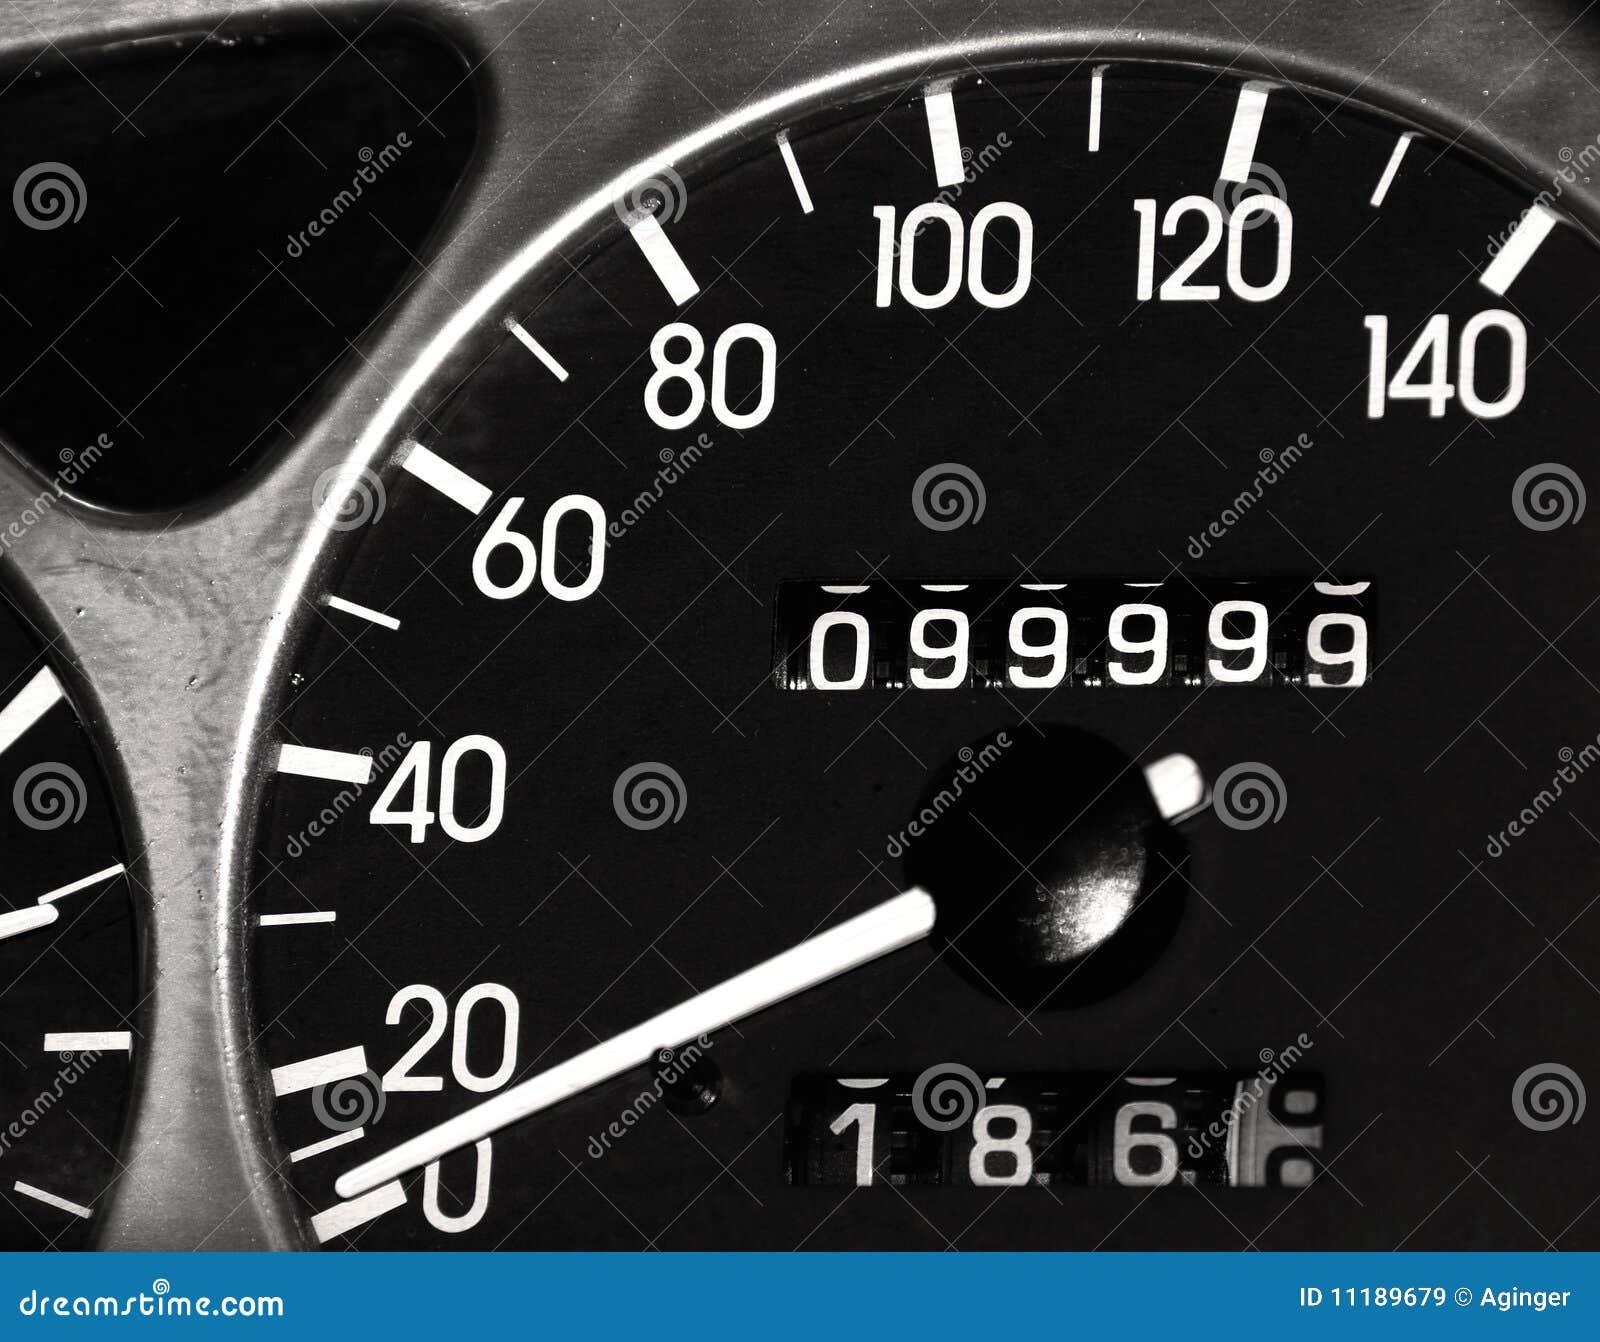 99.999,9 miles